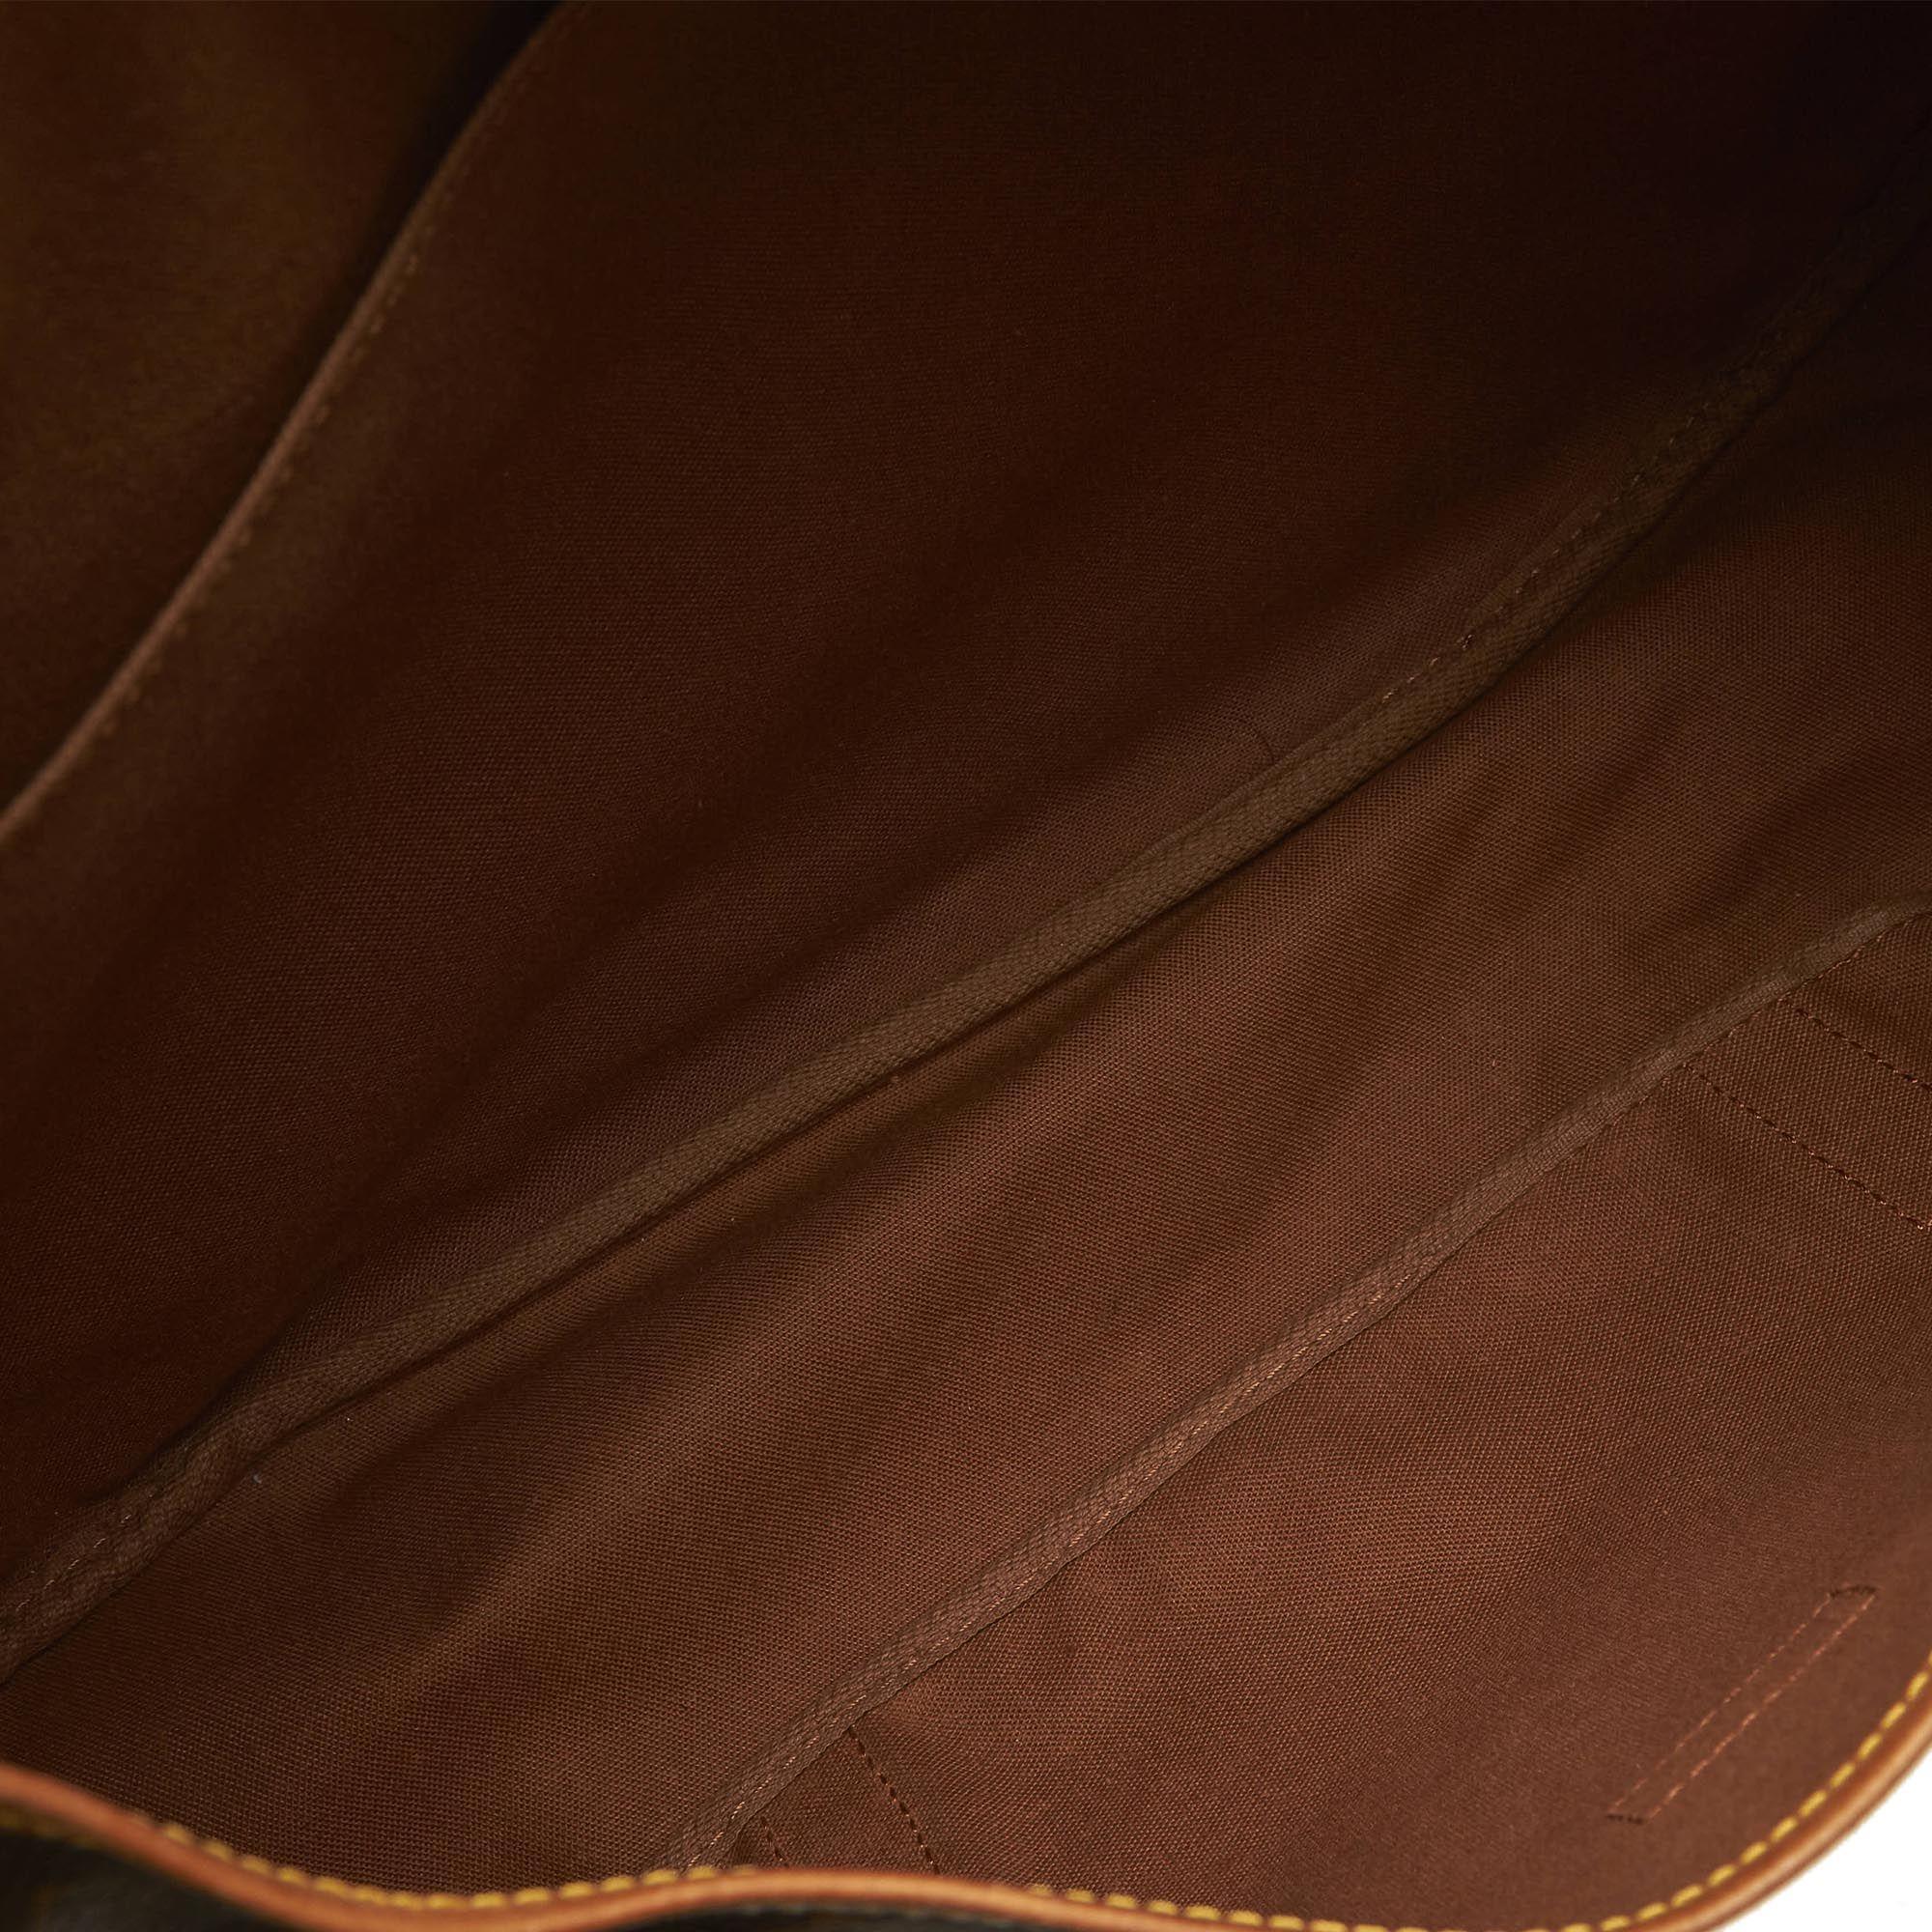 Vintage Louis Vuitton Monogram Saumur 43 Brown